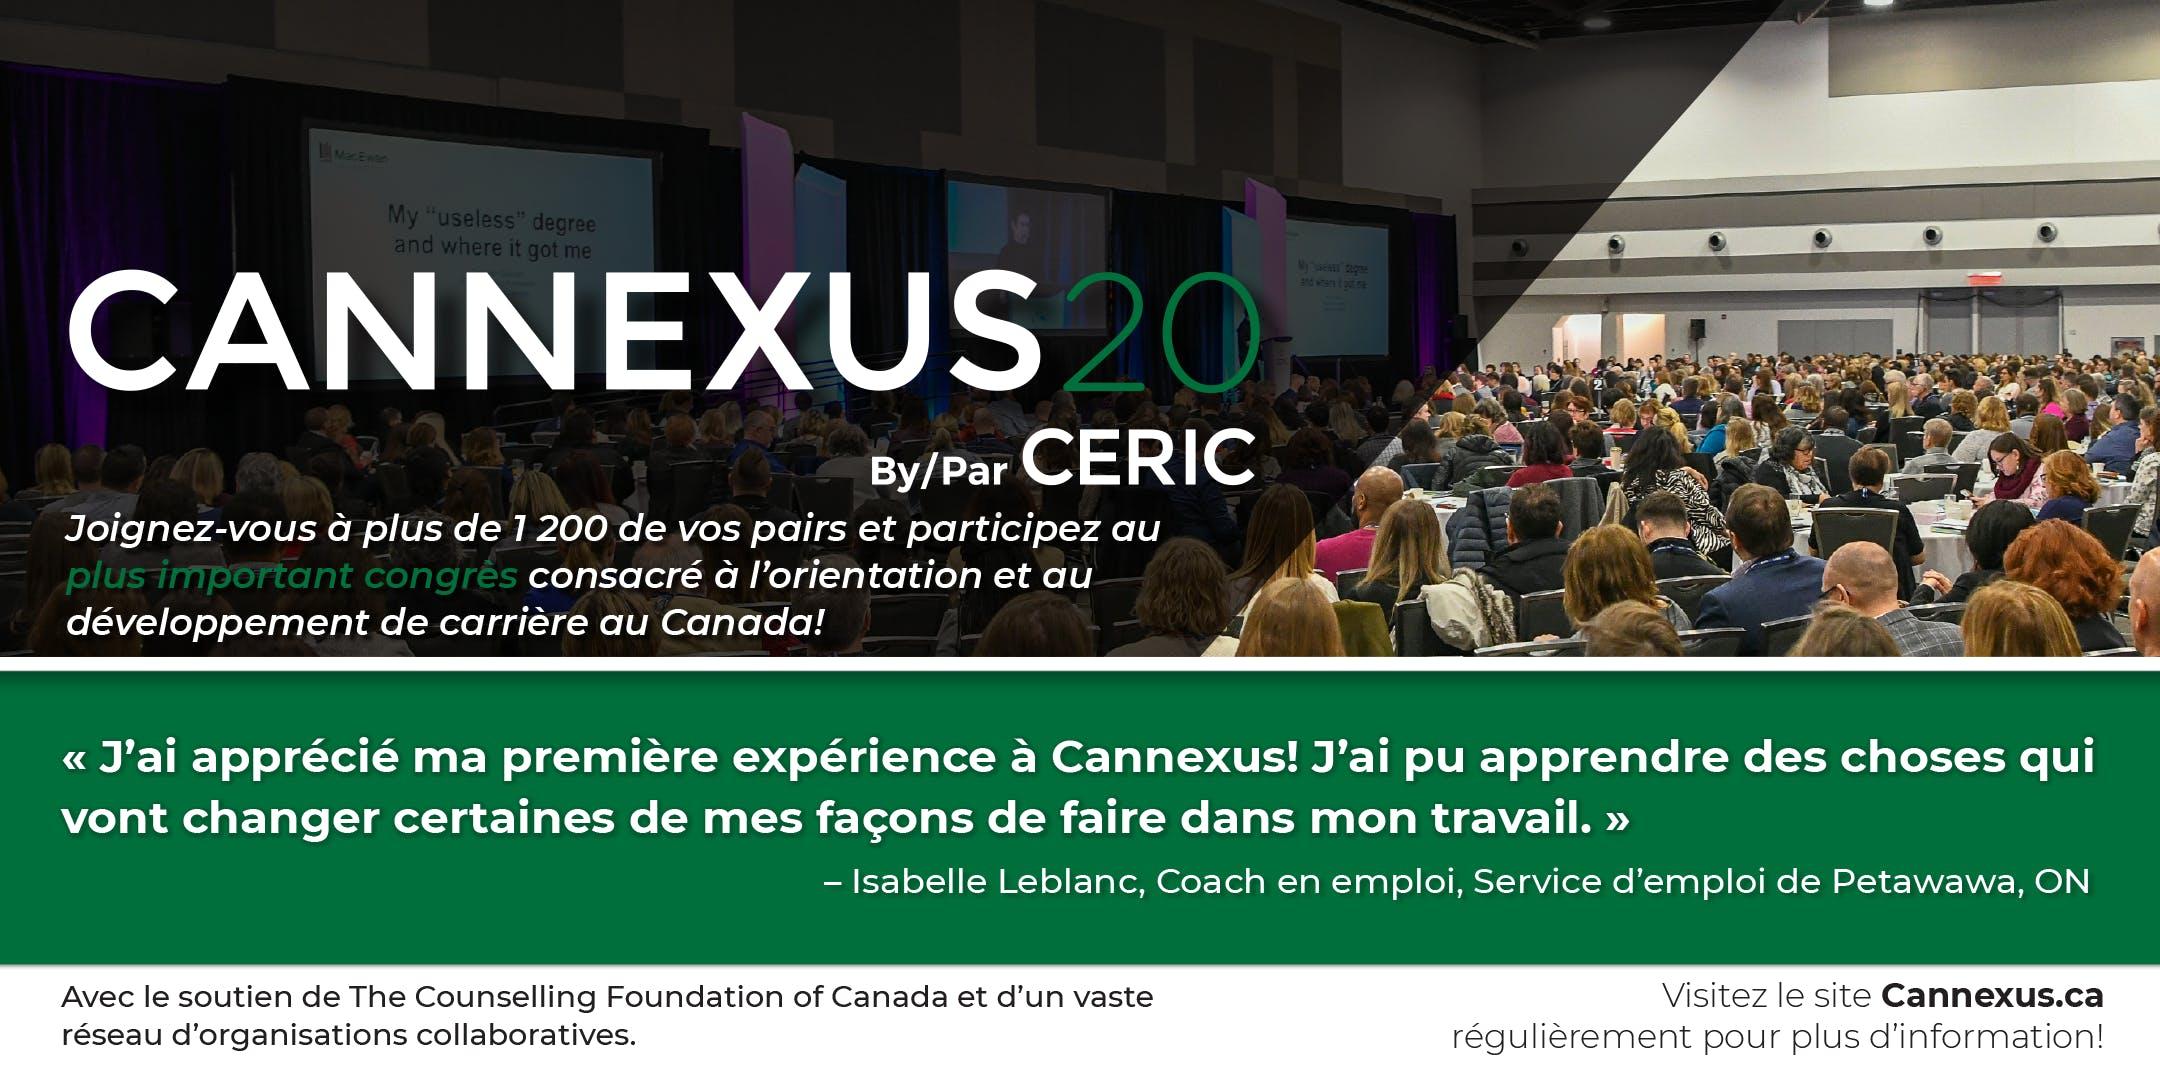 Cannexus20 - Super avantageux